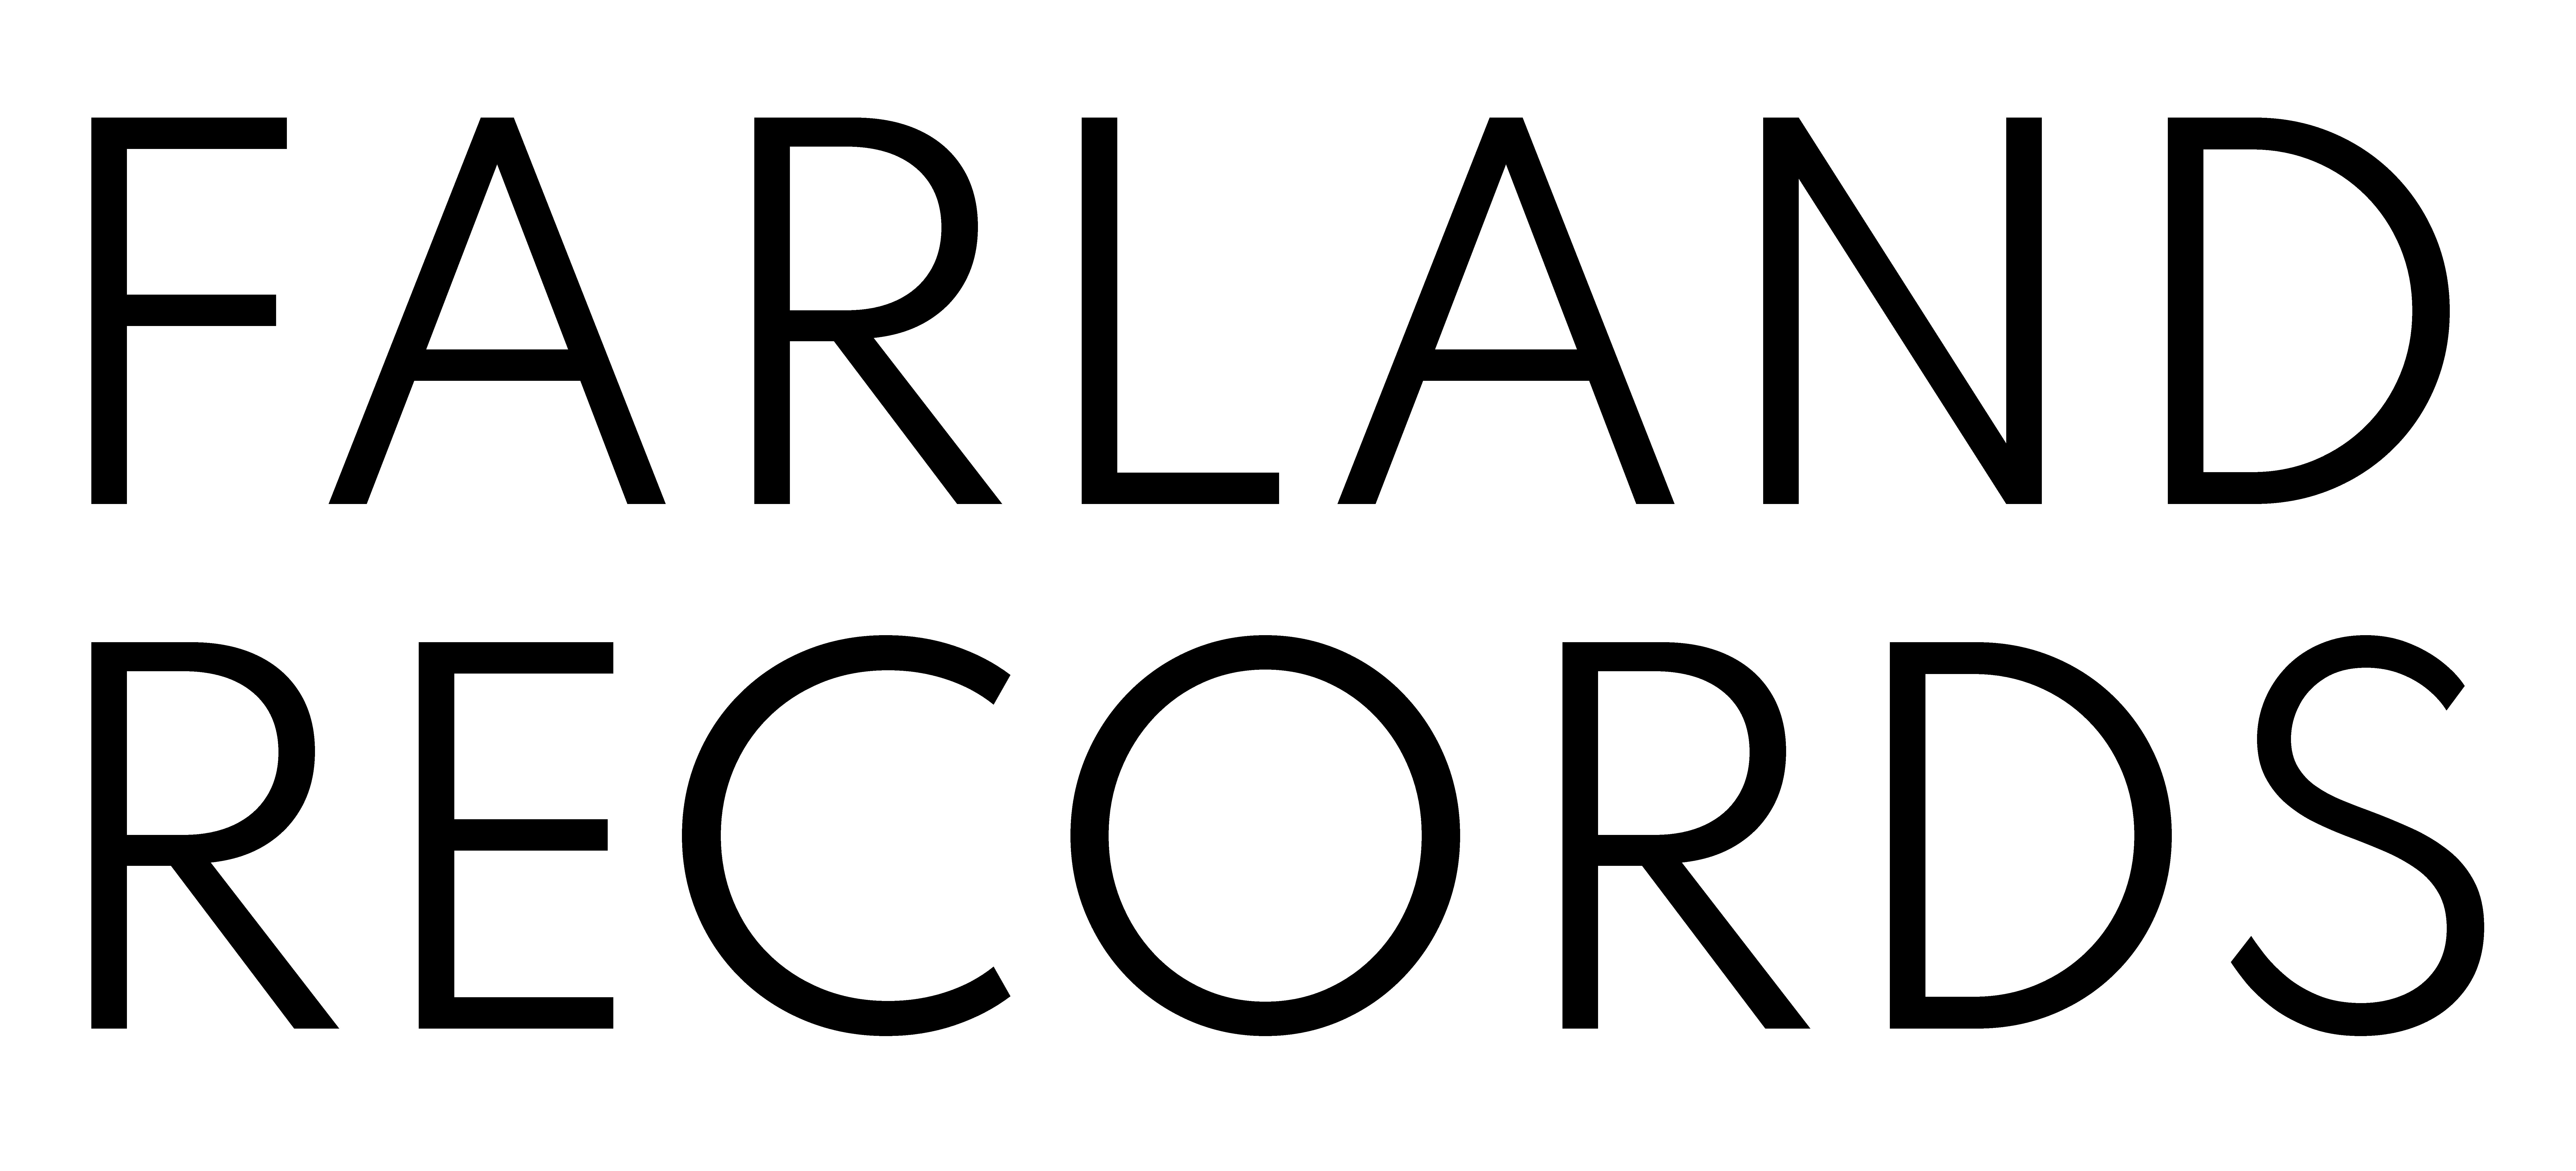 FARLAND RECORDS